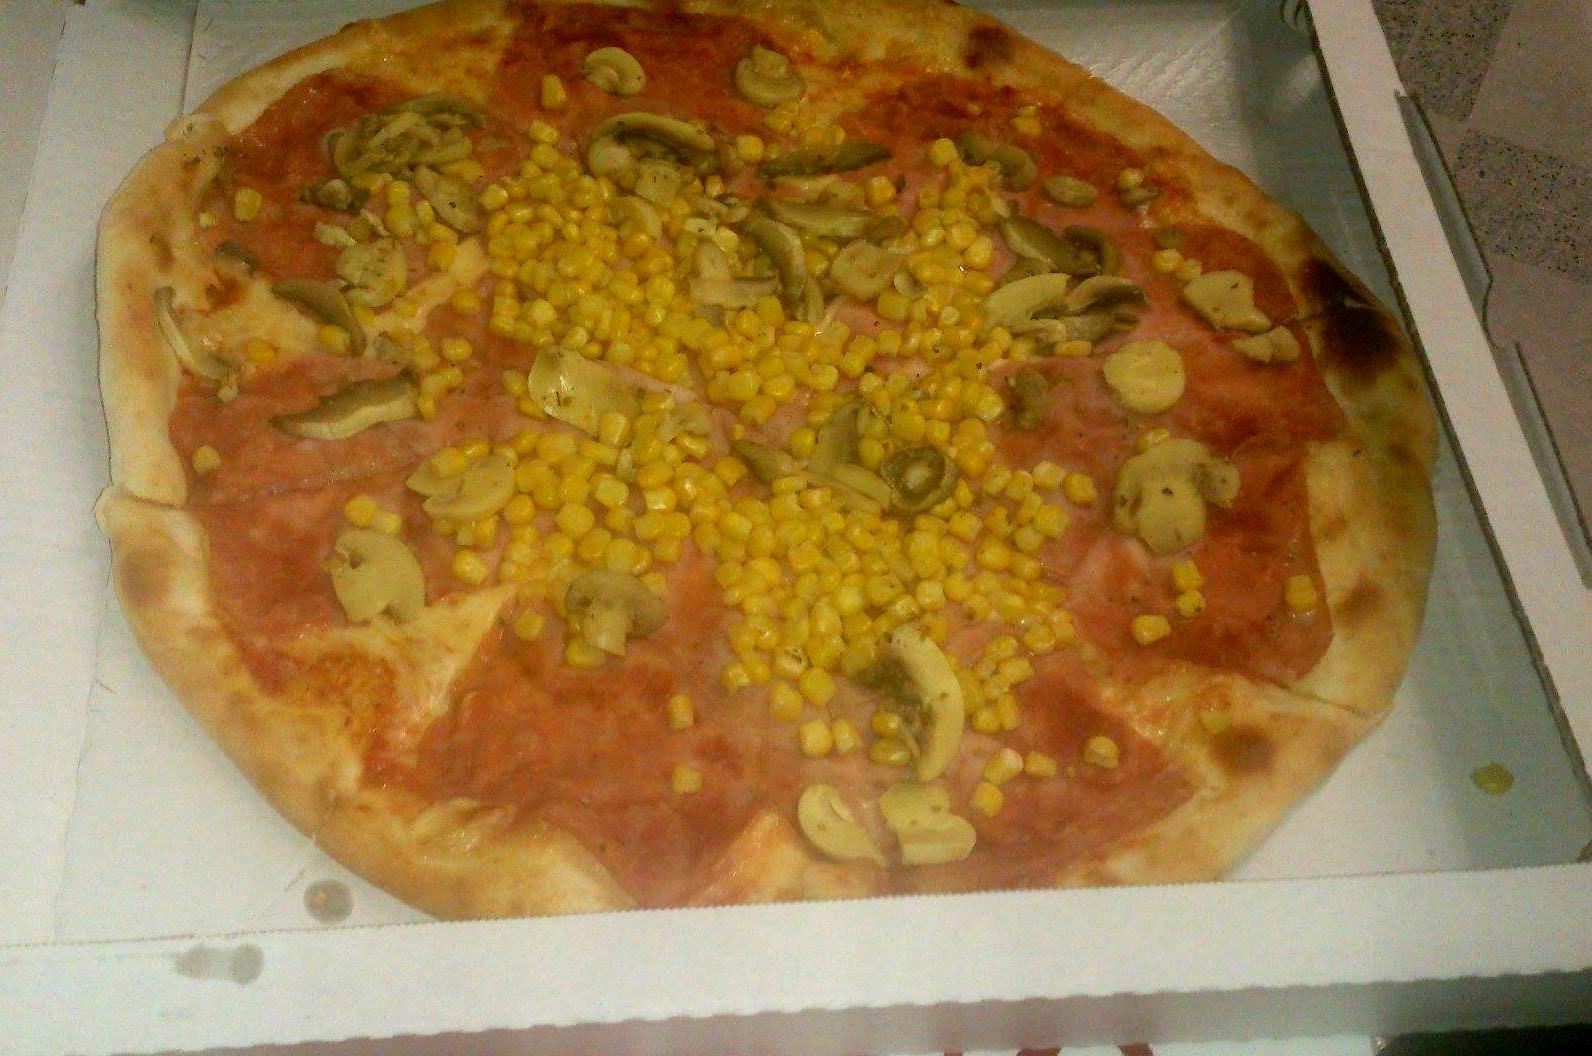 Degustační požitek - Já moc na pizzu nejsem, ale když přítel říkal, že minulý měsíc jich dělali 1300 kusů a je to ve vesnici, tak jsem si řekla, že bude asi dobrá a byla! Brněnský pizzerky se můžou jít zahrabat!